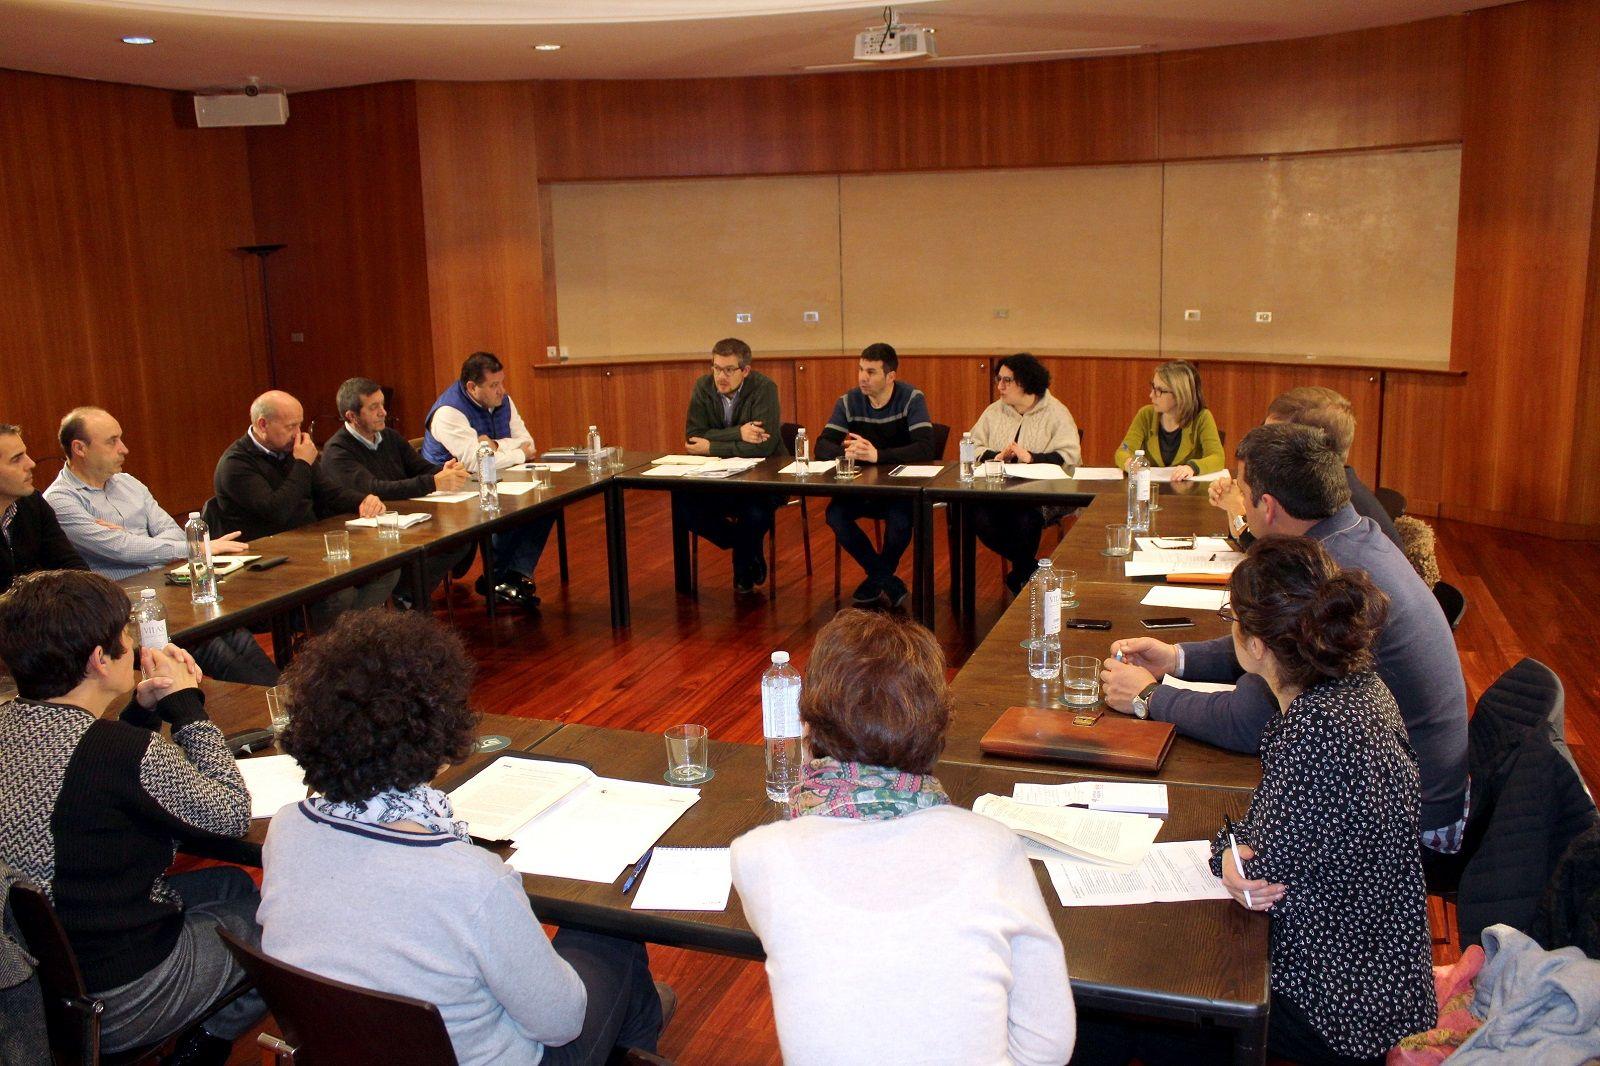 Imagen de la reunión. Foto: DPH